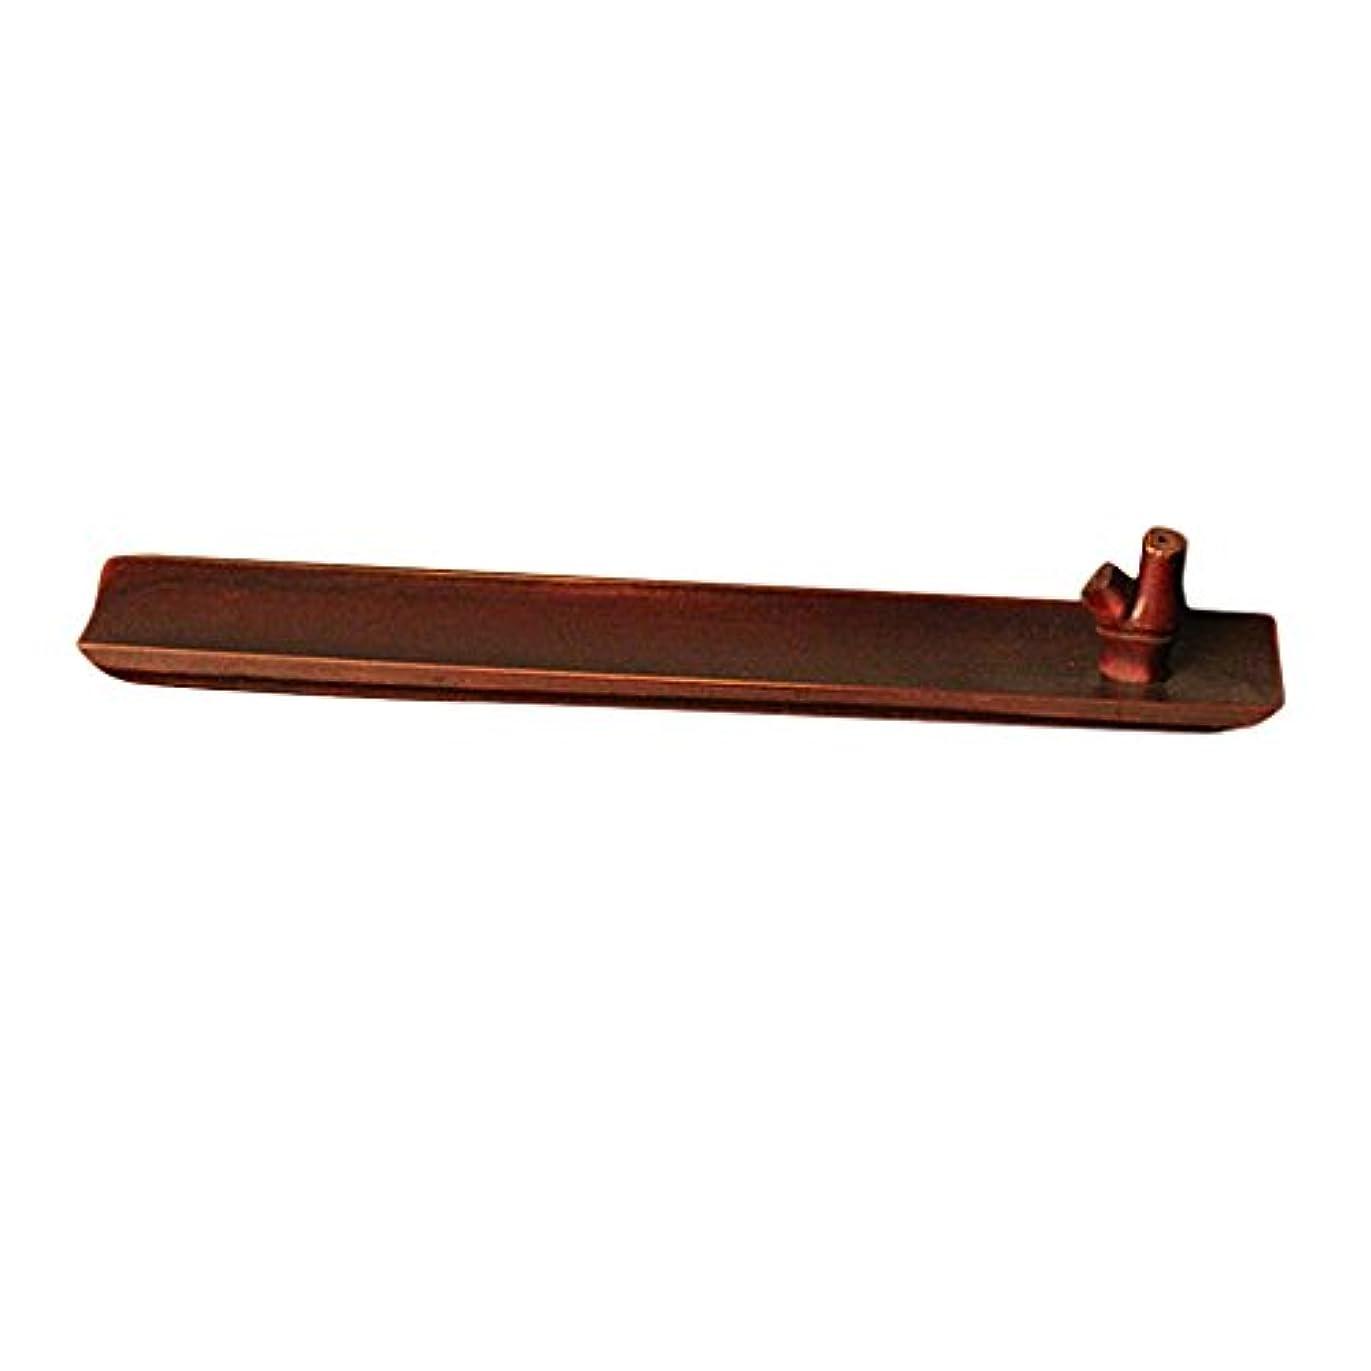 軽蔑構造だらしない仏壇用香炉用品 竹 お香立て スティック 香り バーナーホルダー アッシュキャッチャー 香箱棒